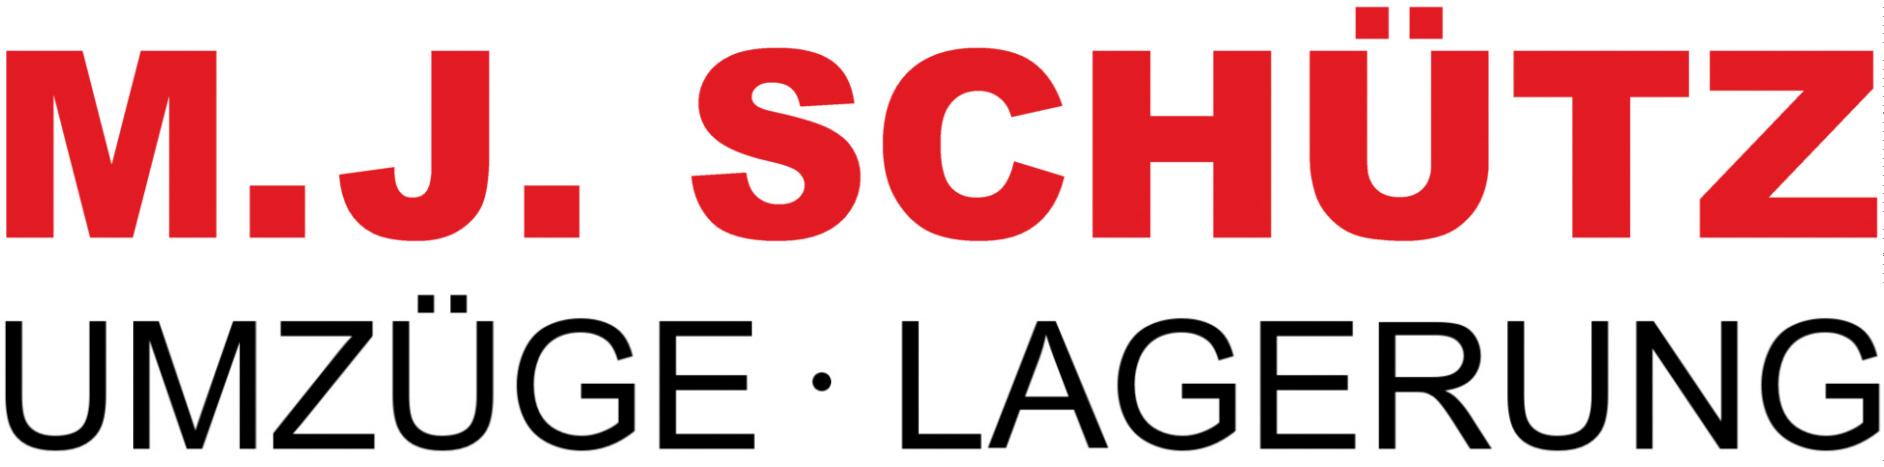 Spedition möbel einlagern  MJ SCHÜTZ Koblenz Neuwied Rheinland-Pfalz: Umzüge Umzug Möbel Spedition